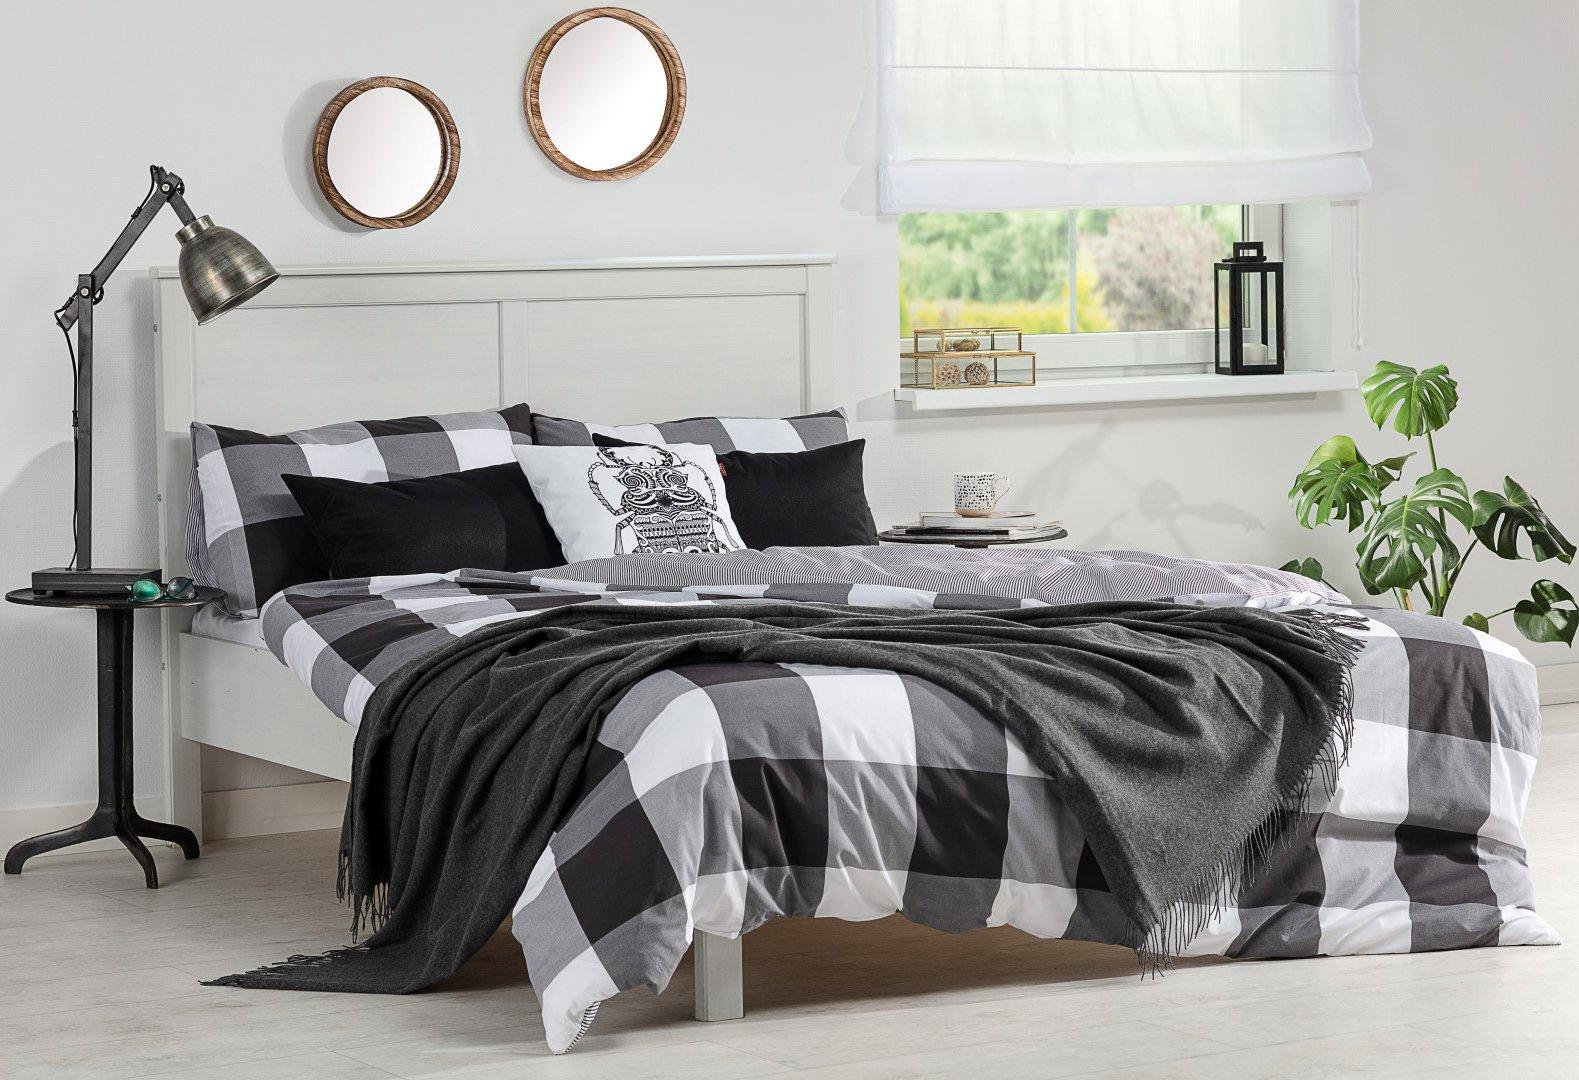 Jednoducho Black&White